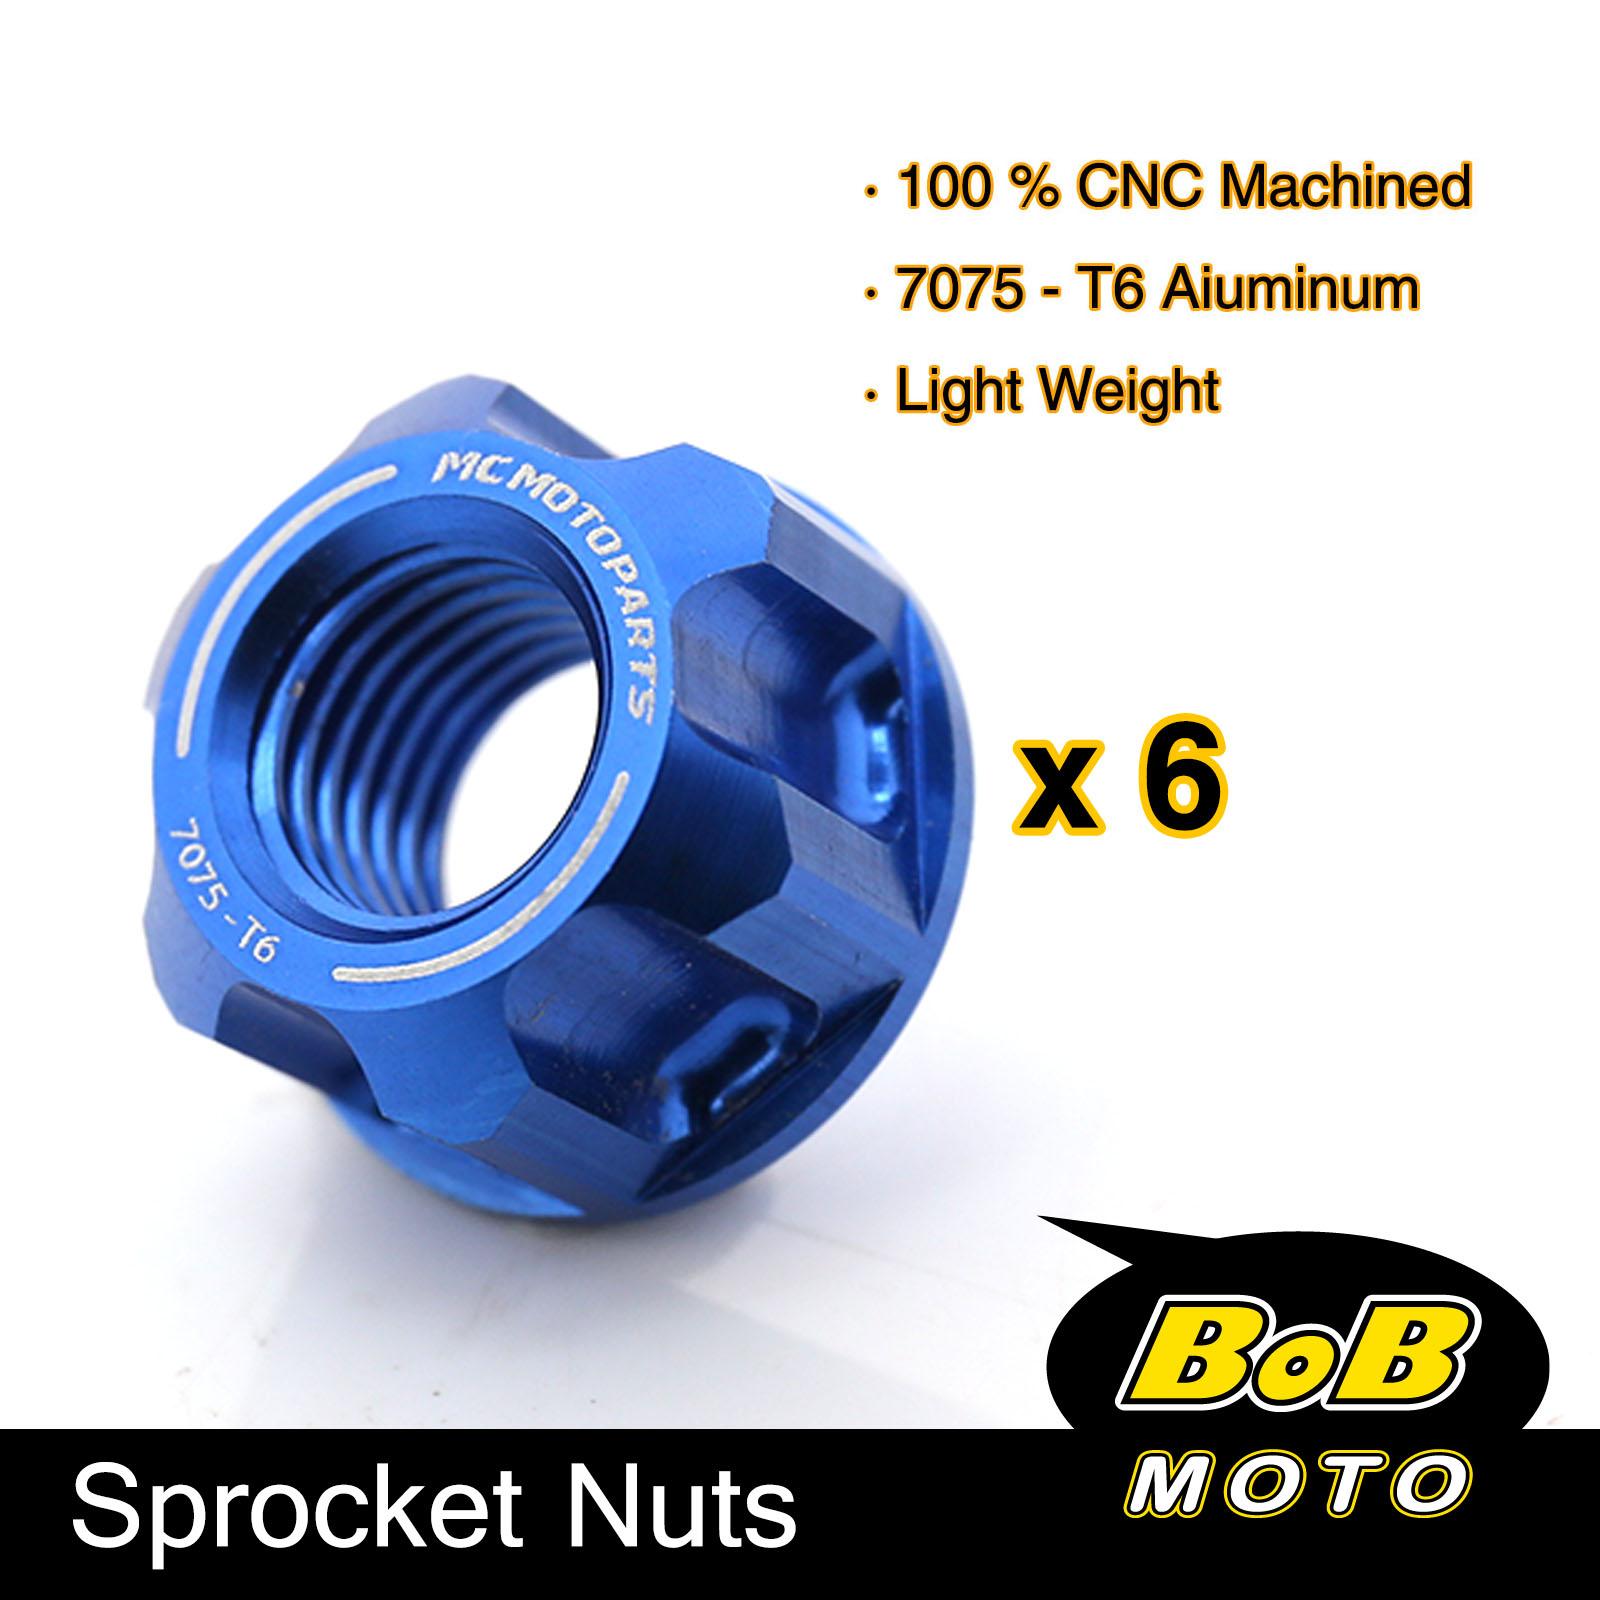 SV 650 6 Titanium Rear Sprocket Nuts Suzuki GSXR 600 750 1000 Hayabusa GSX-R